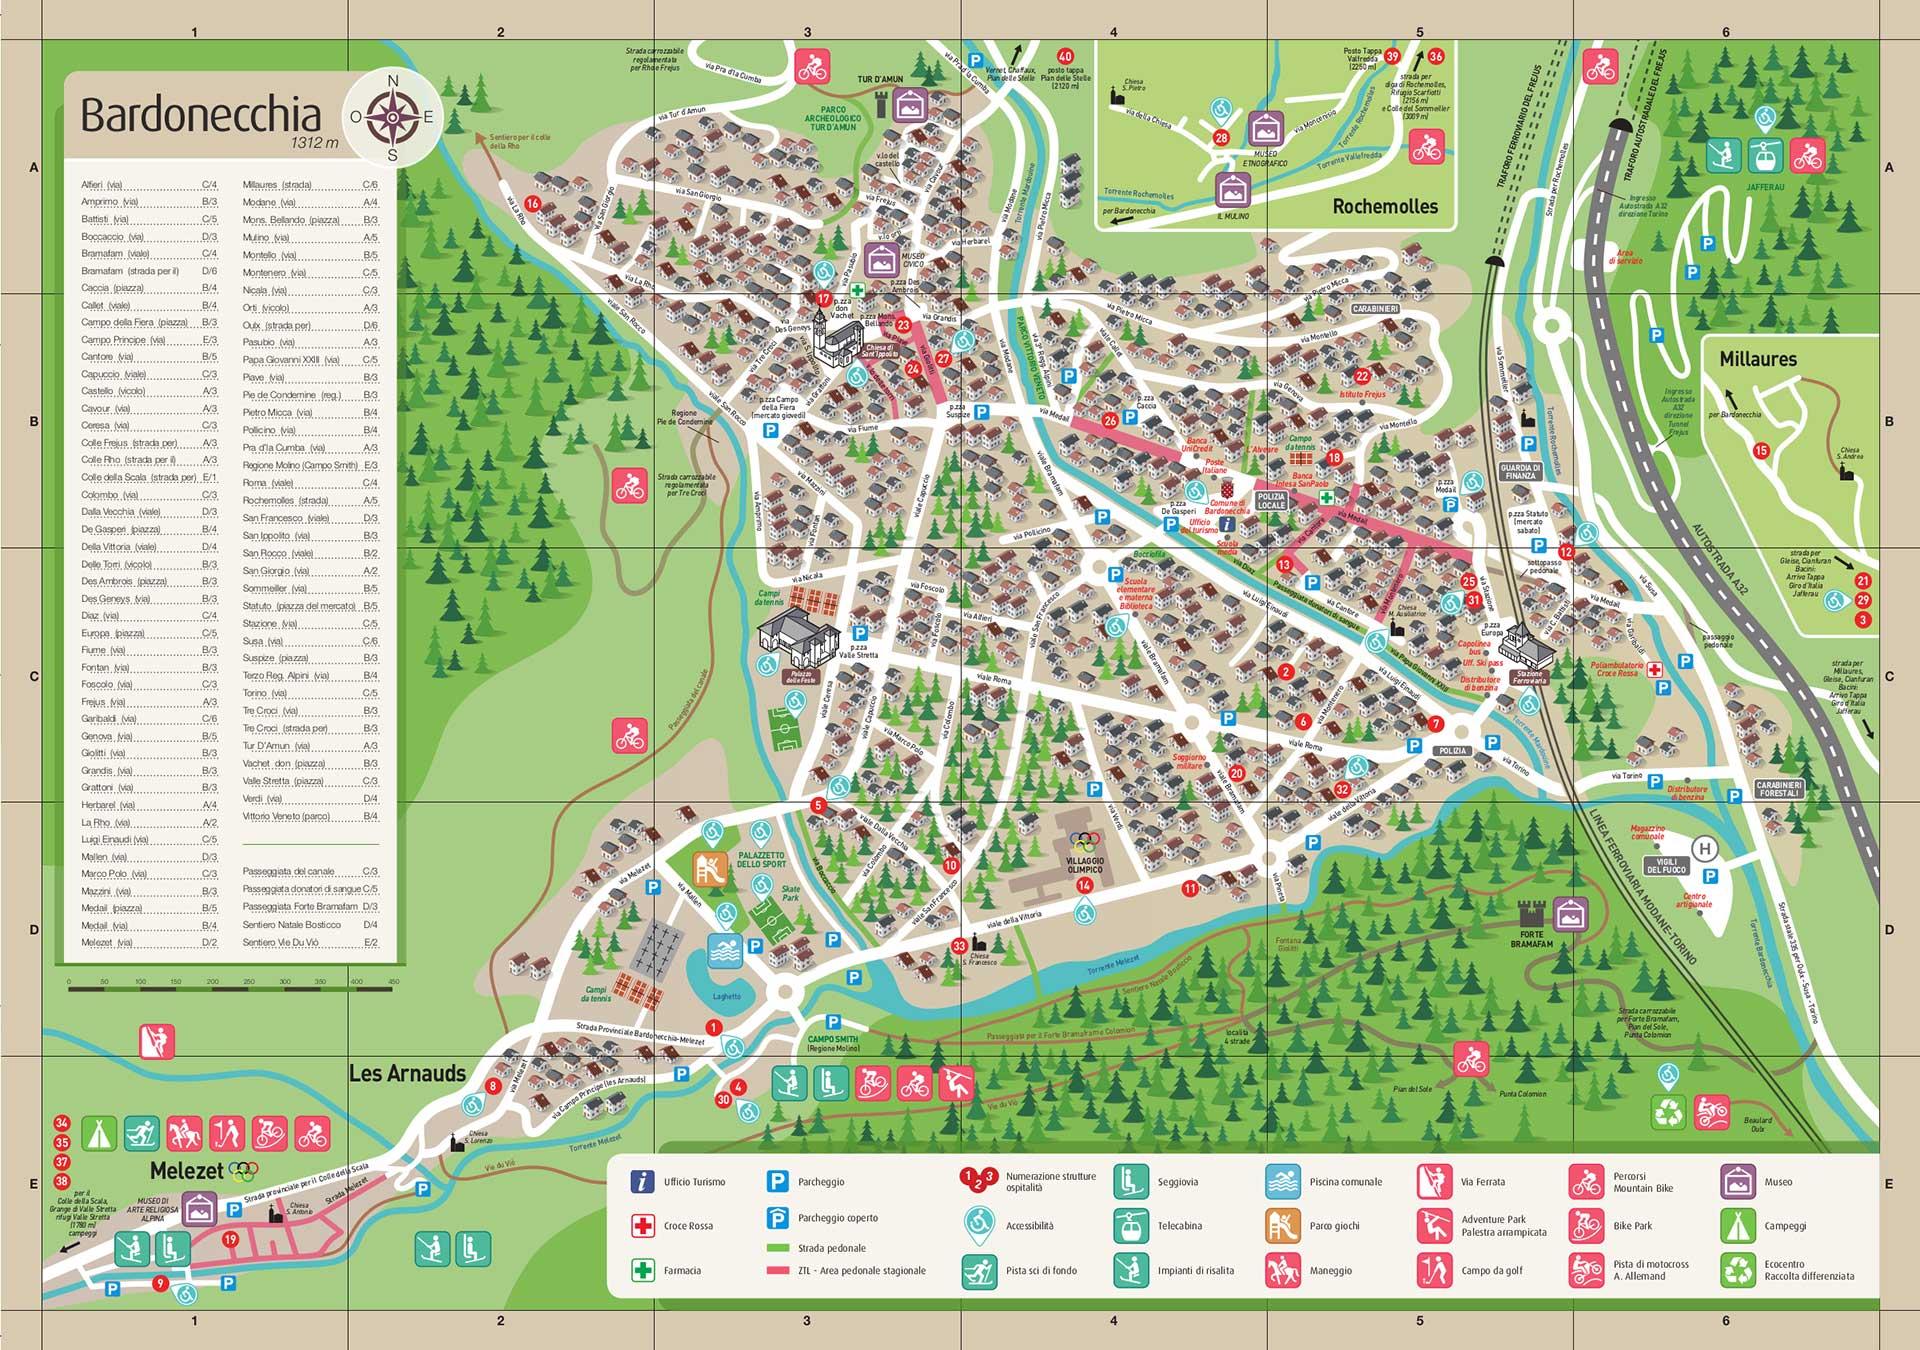 Cartina di Bardonecchia: i luoghi, le frazioni, l'ospitalità e i servizi